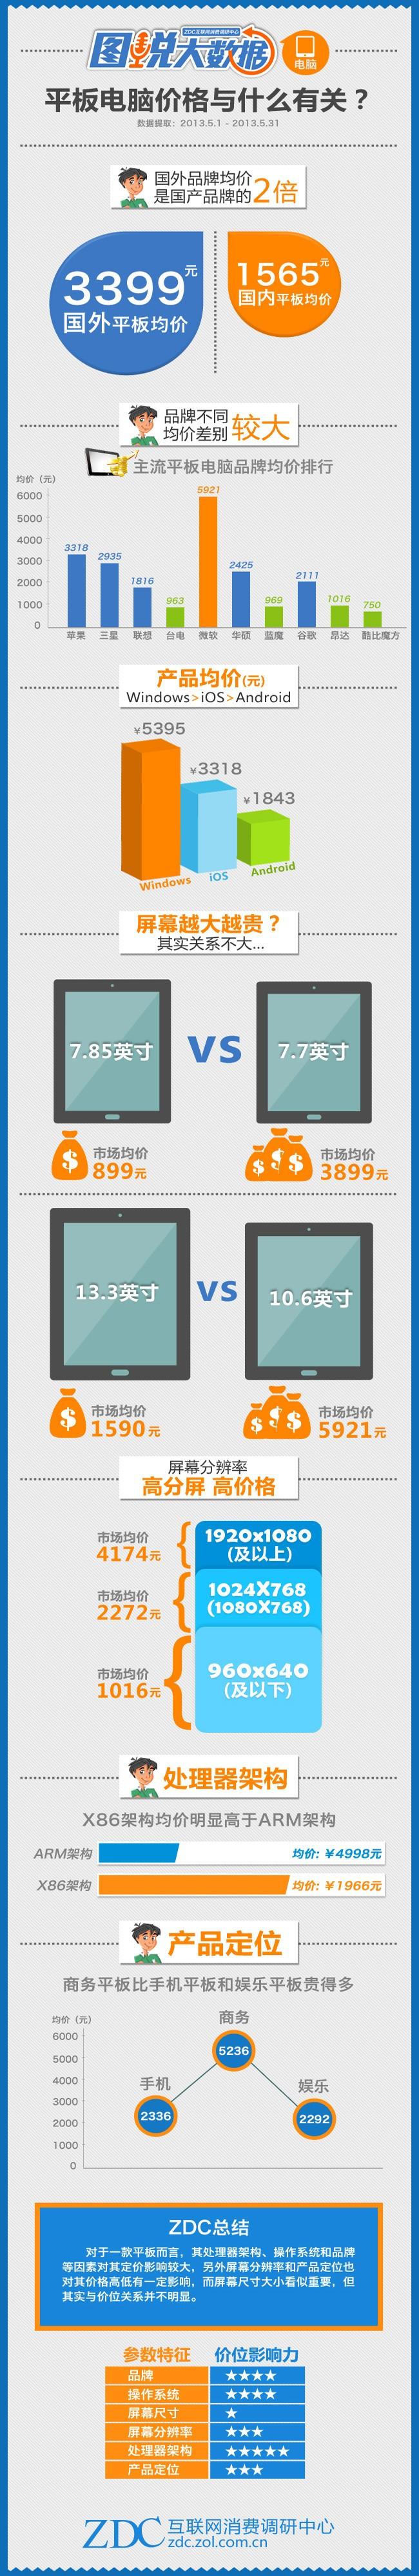 平板电脑价格与什么有关?